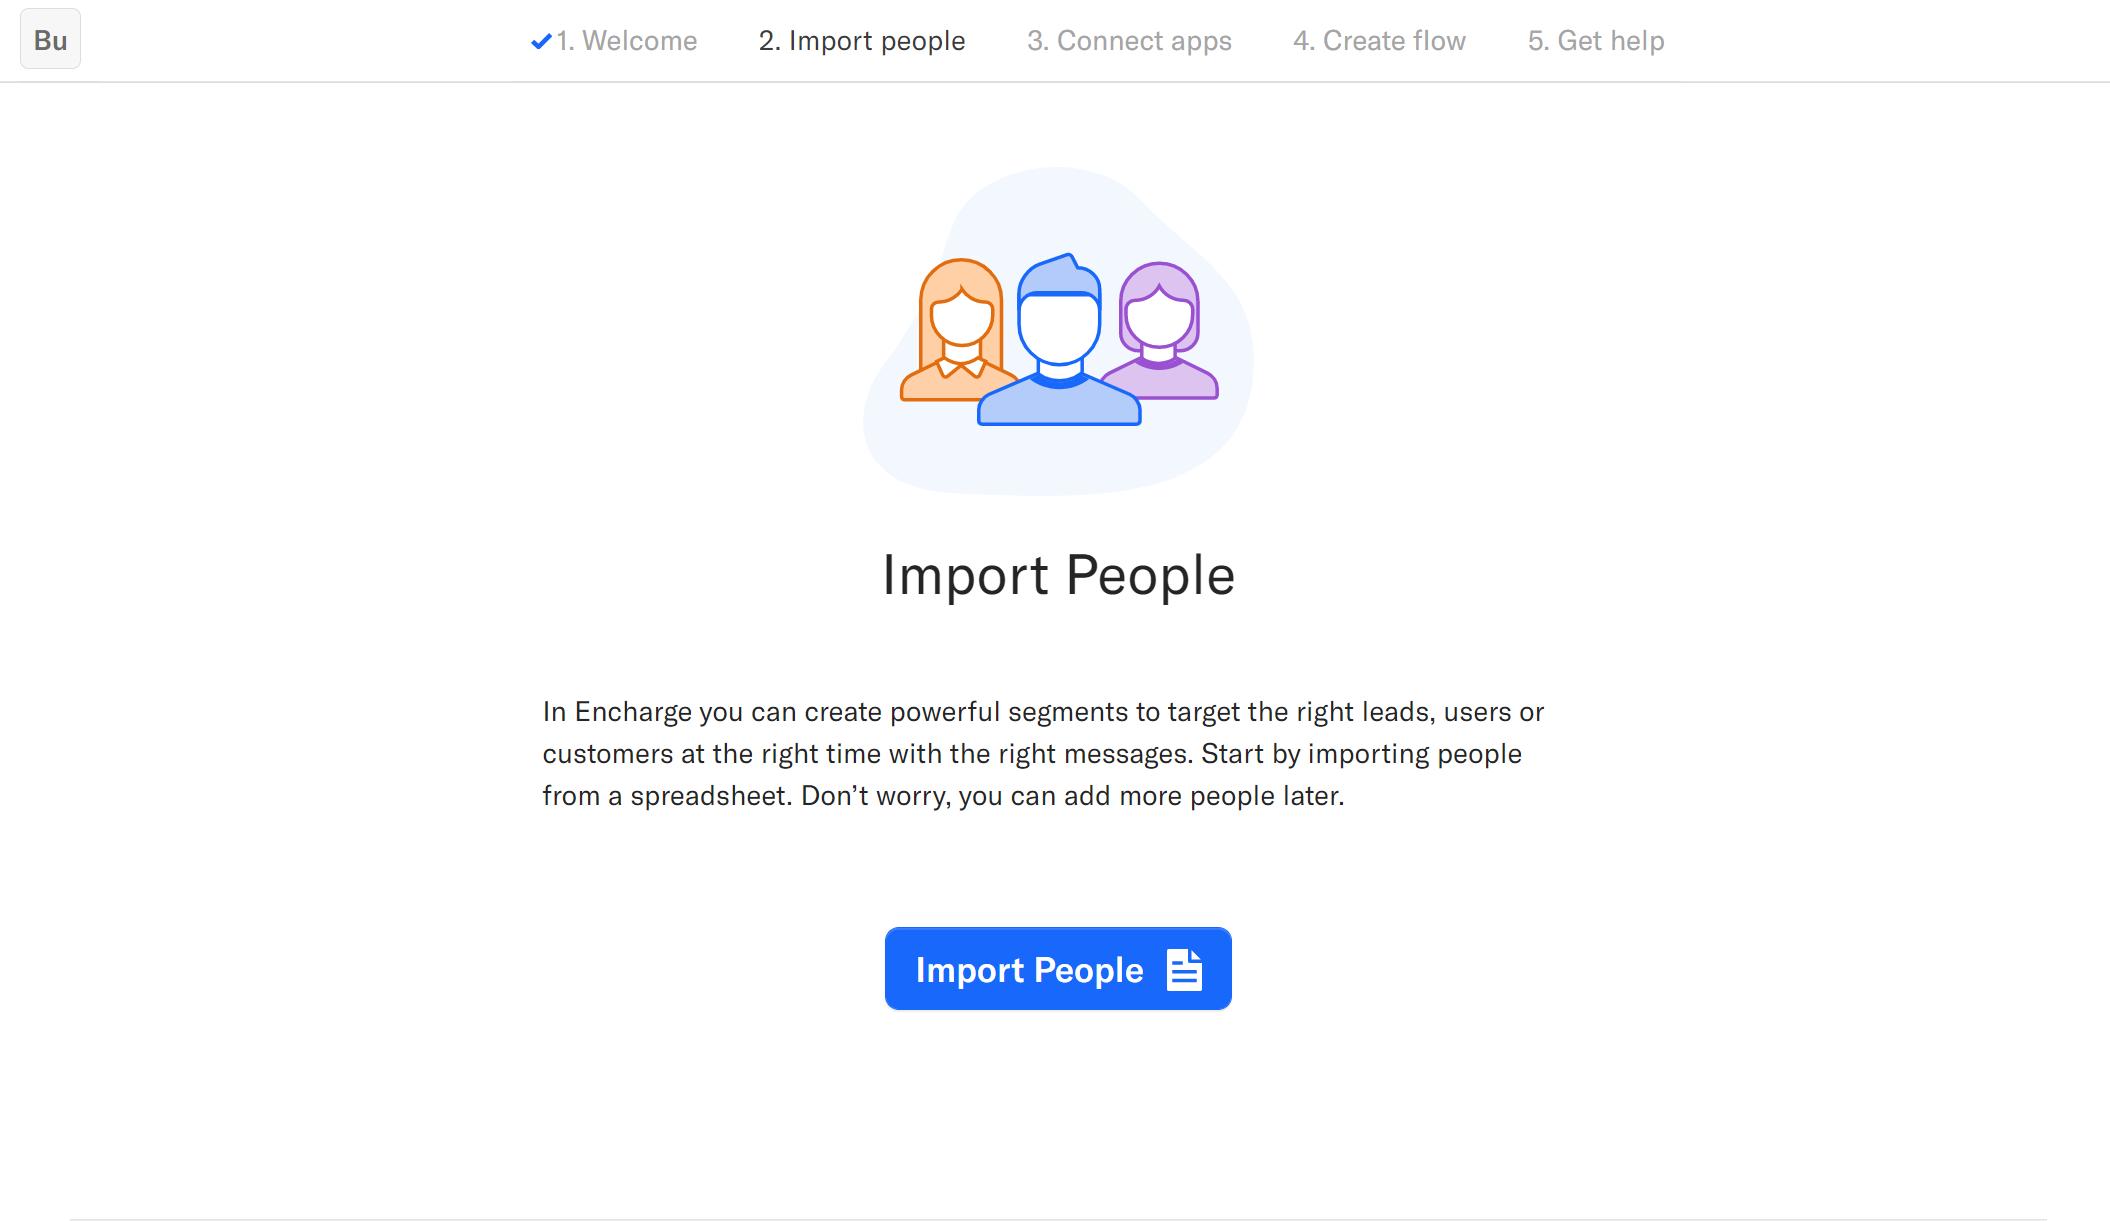 Encharge.io - People Import